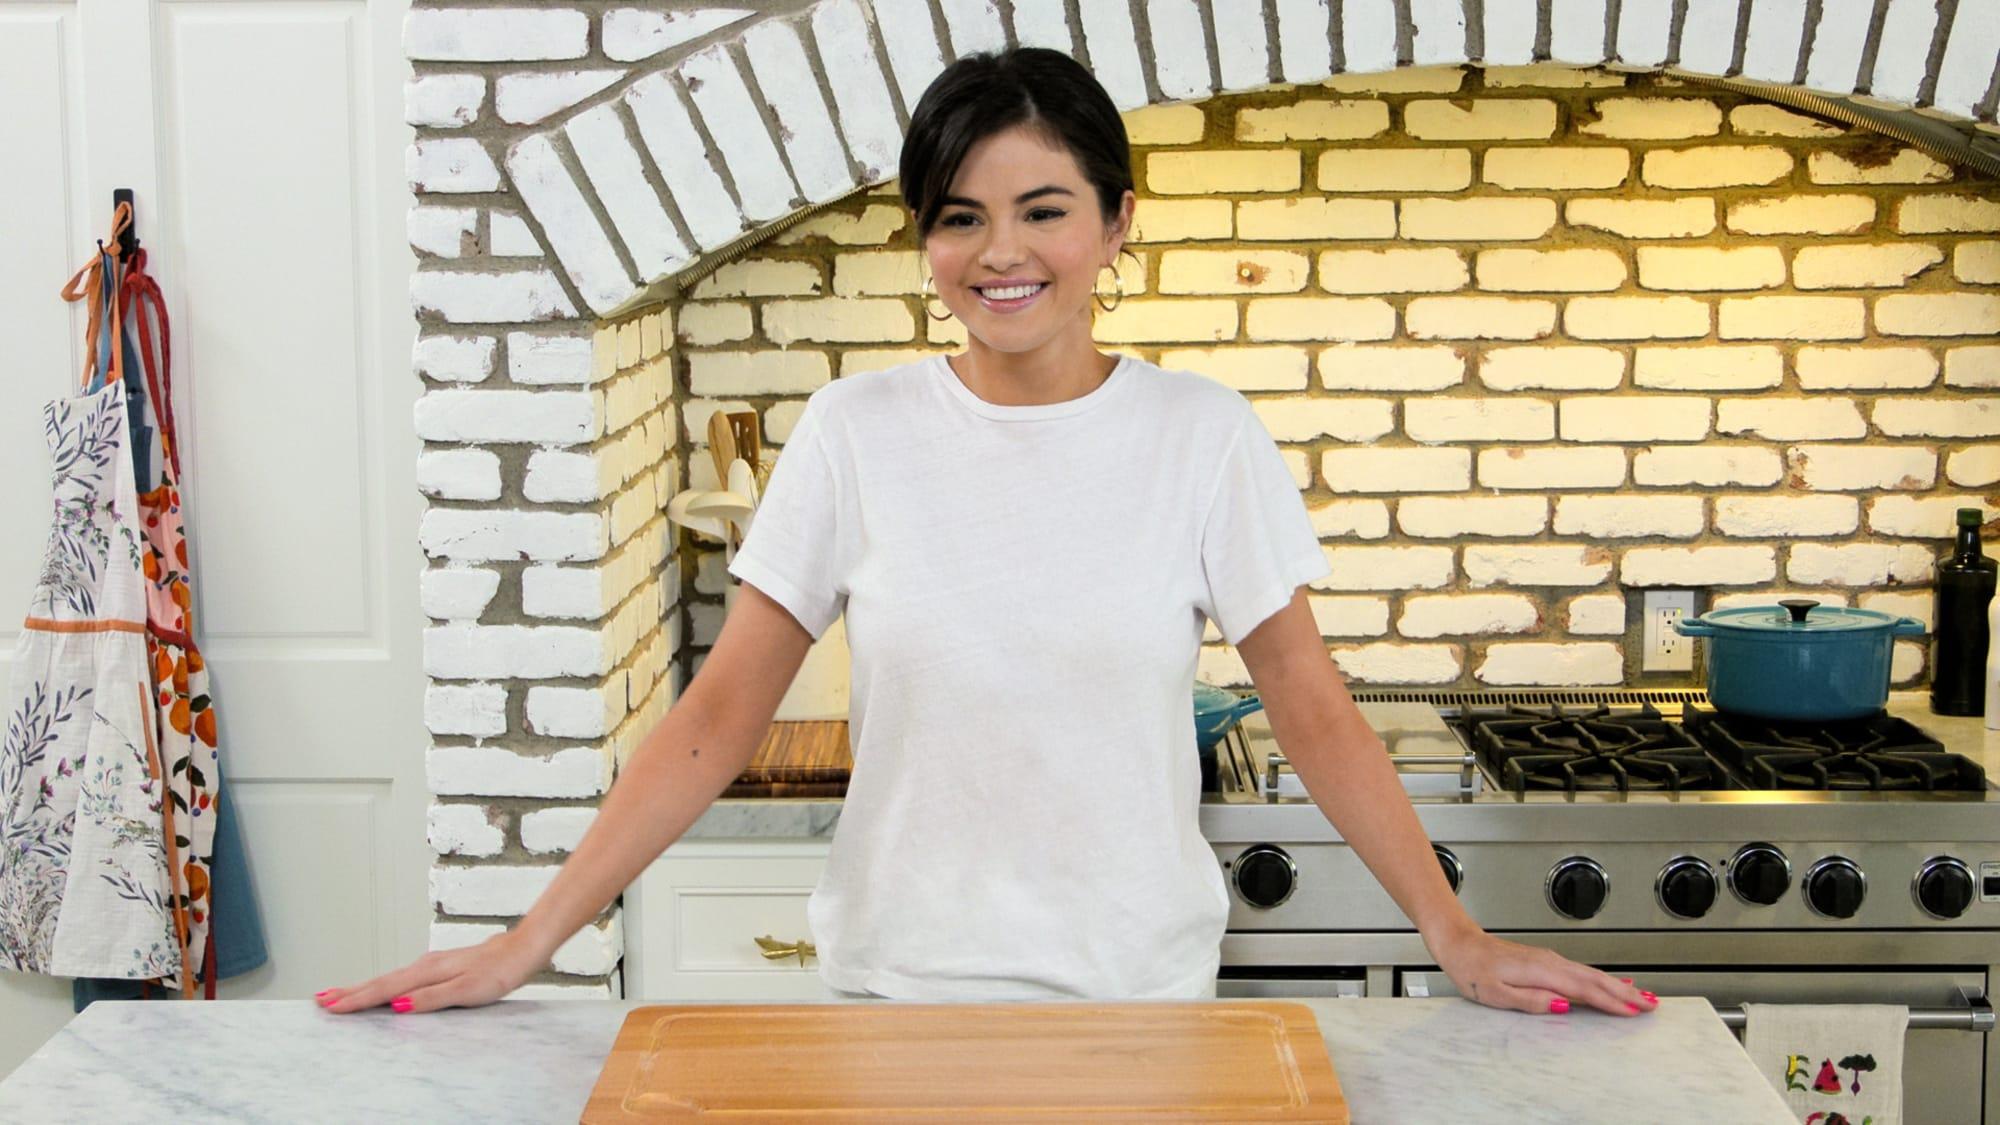 Selena Gomez shares a Cheesy Chicken Tortilla Chip Casserole recipe